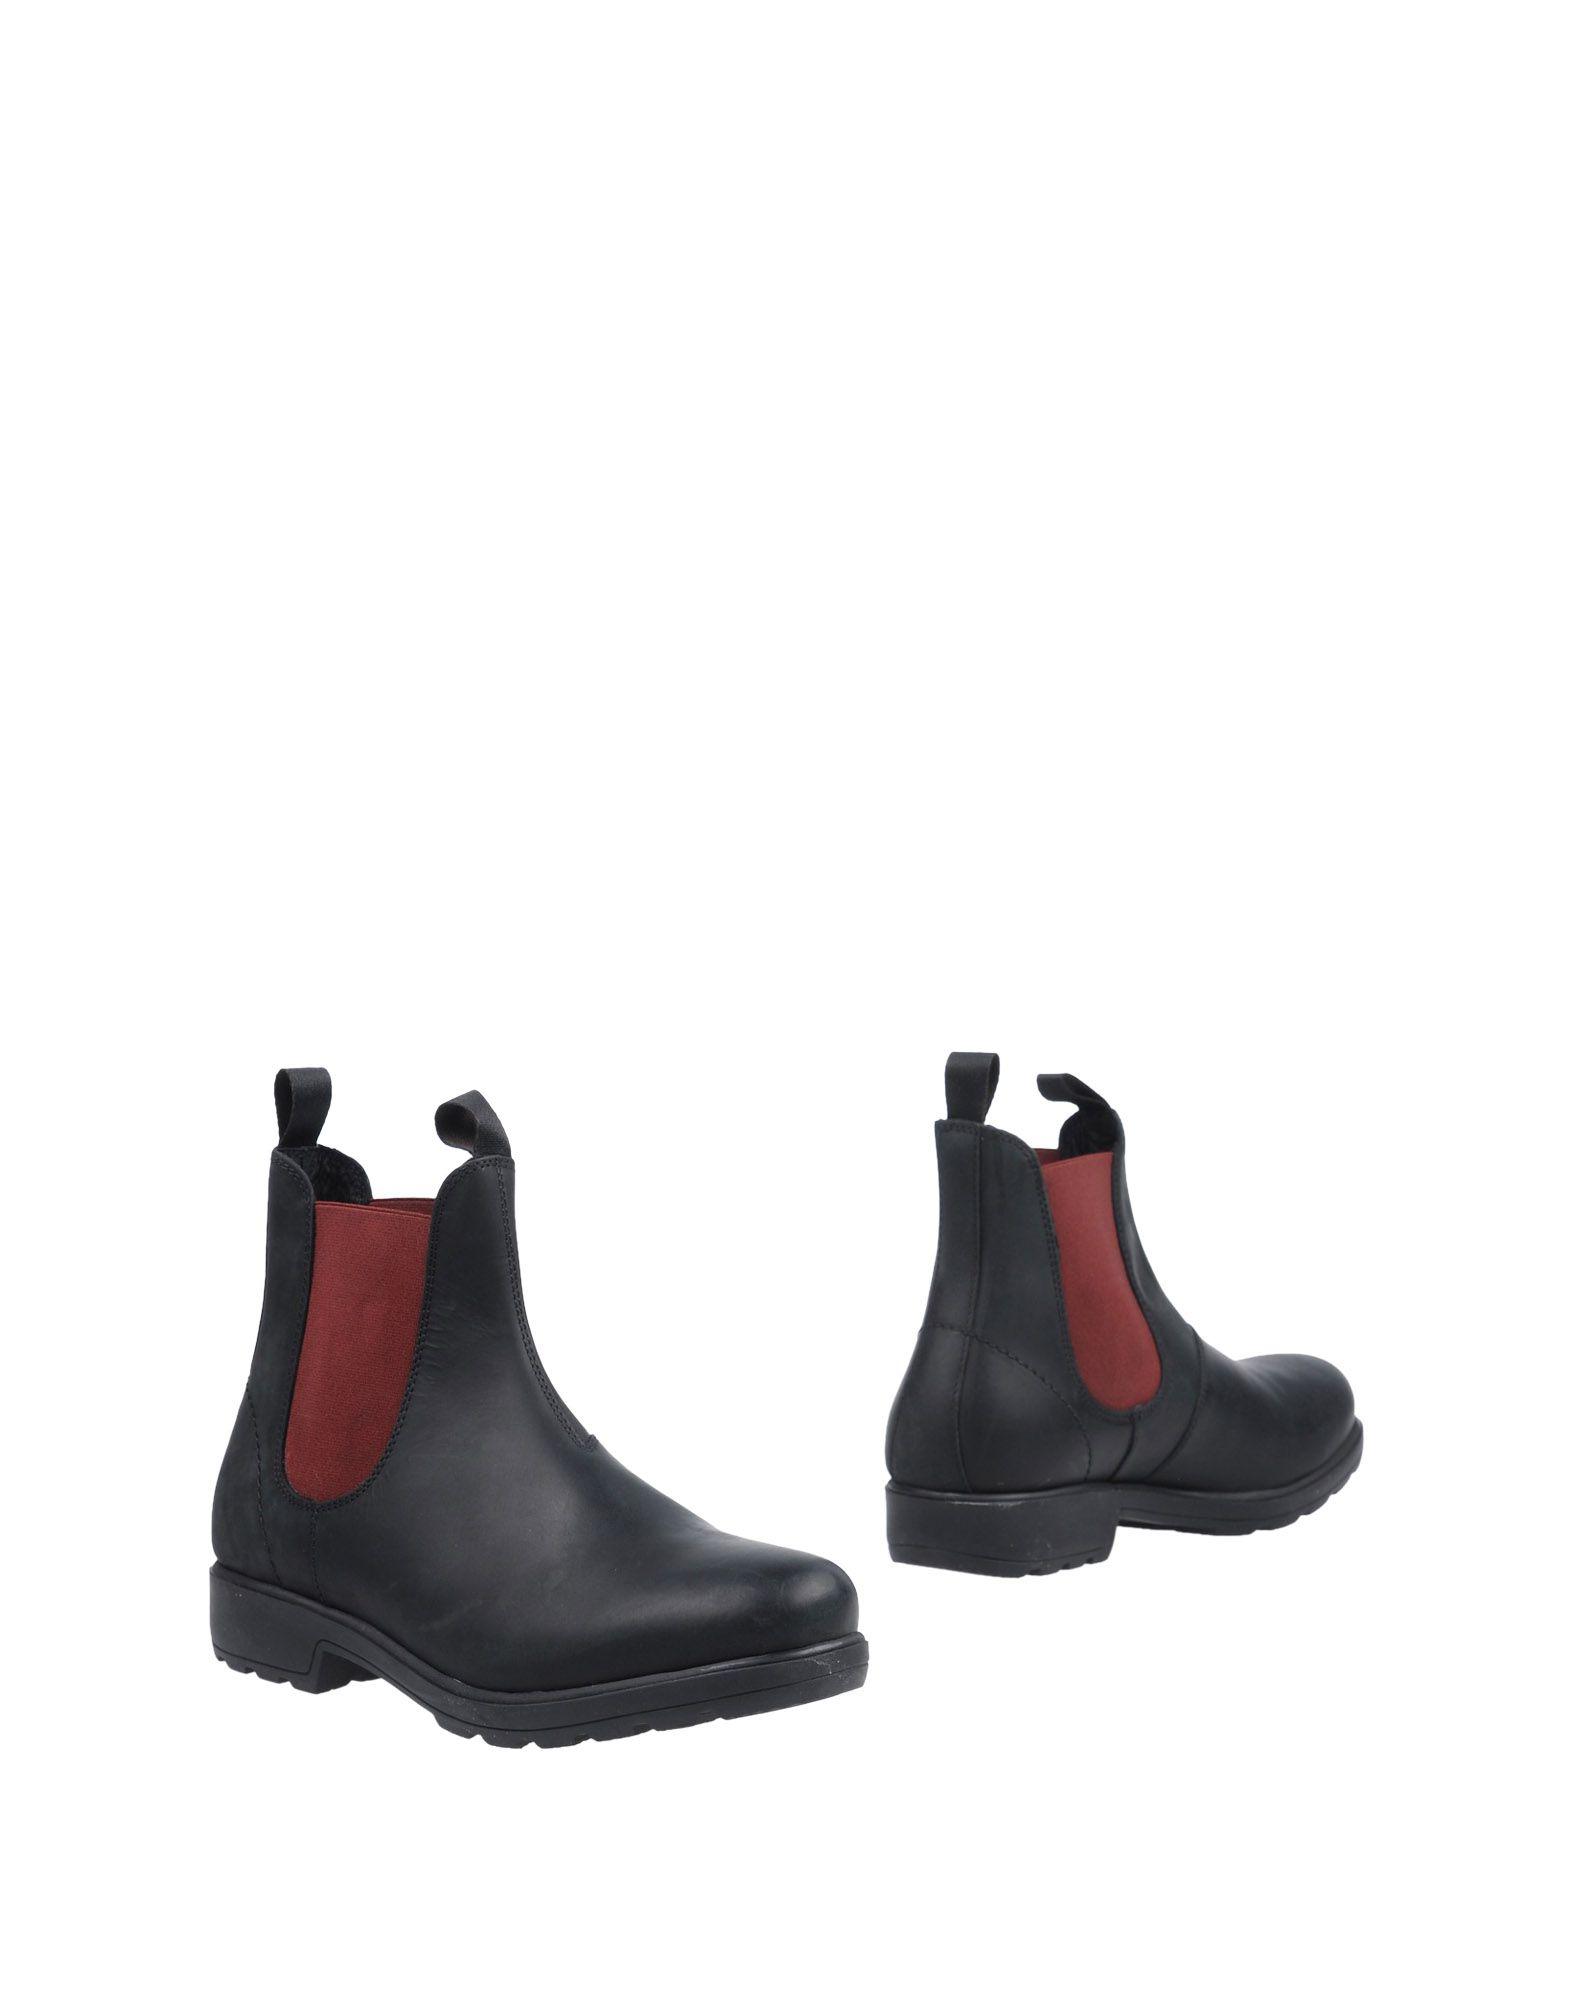 DOCKSTEPS Полусапоги и высокие ботинки купить футбольную форму челси торрес